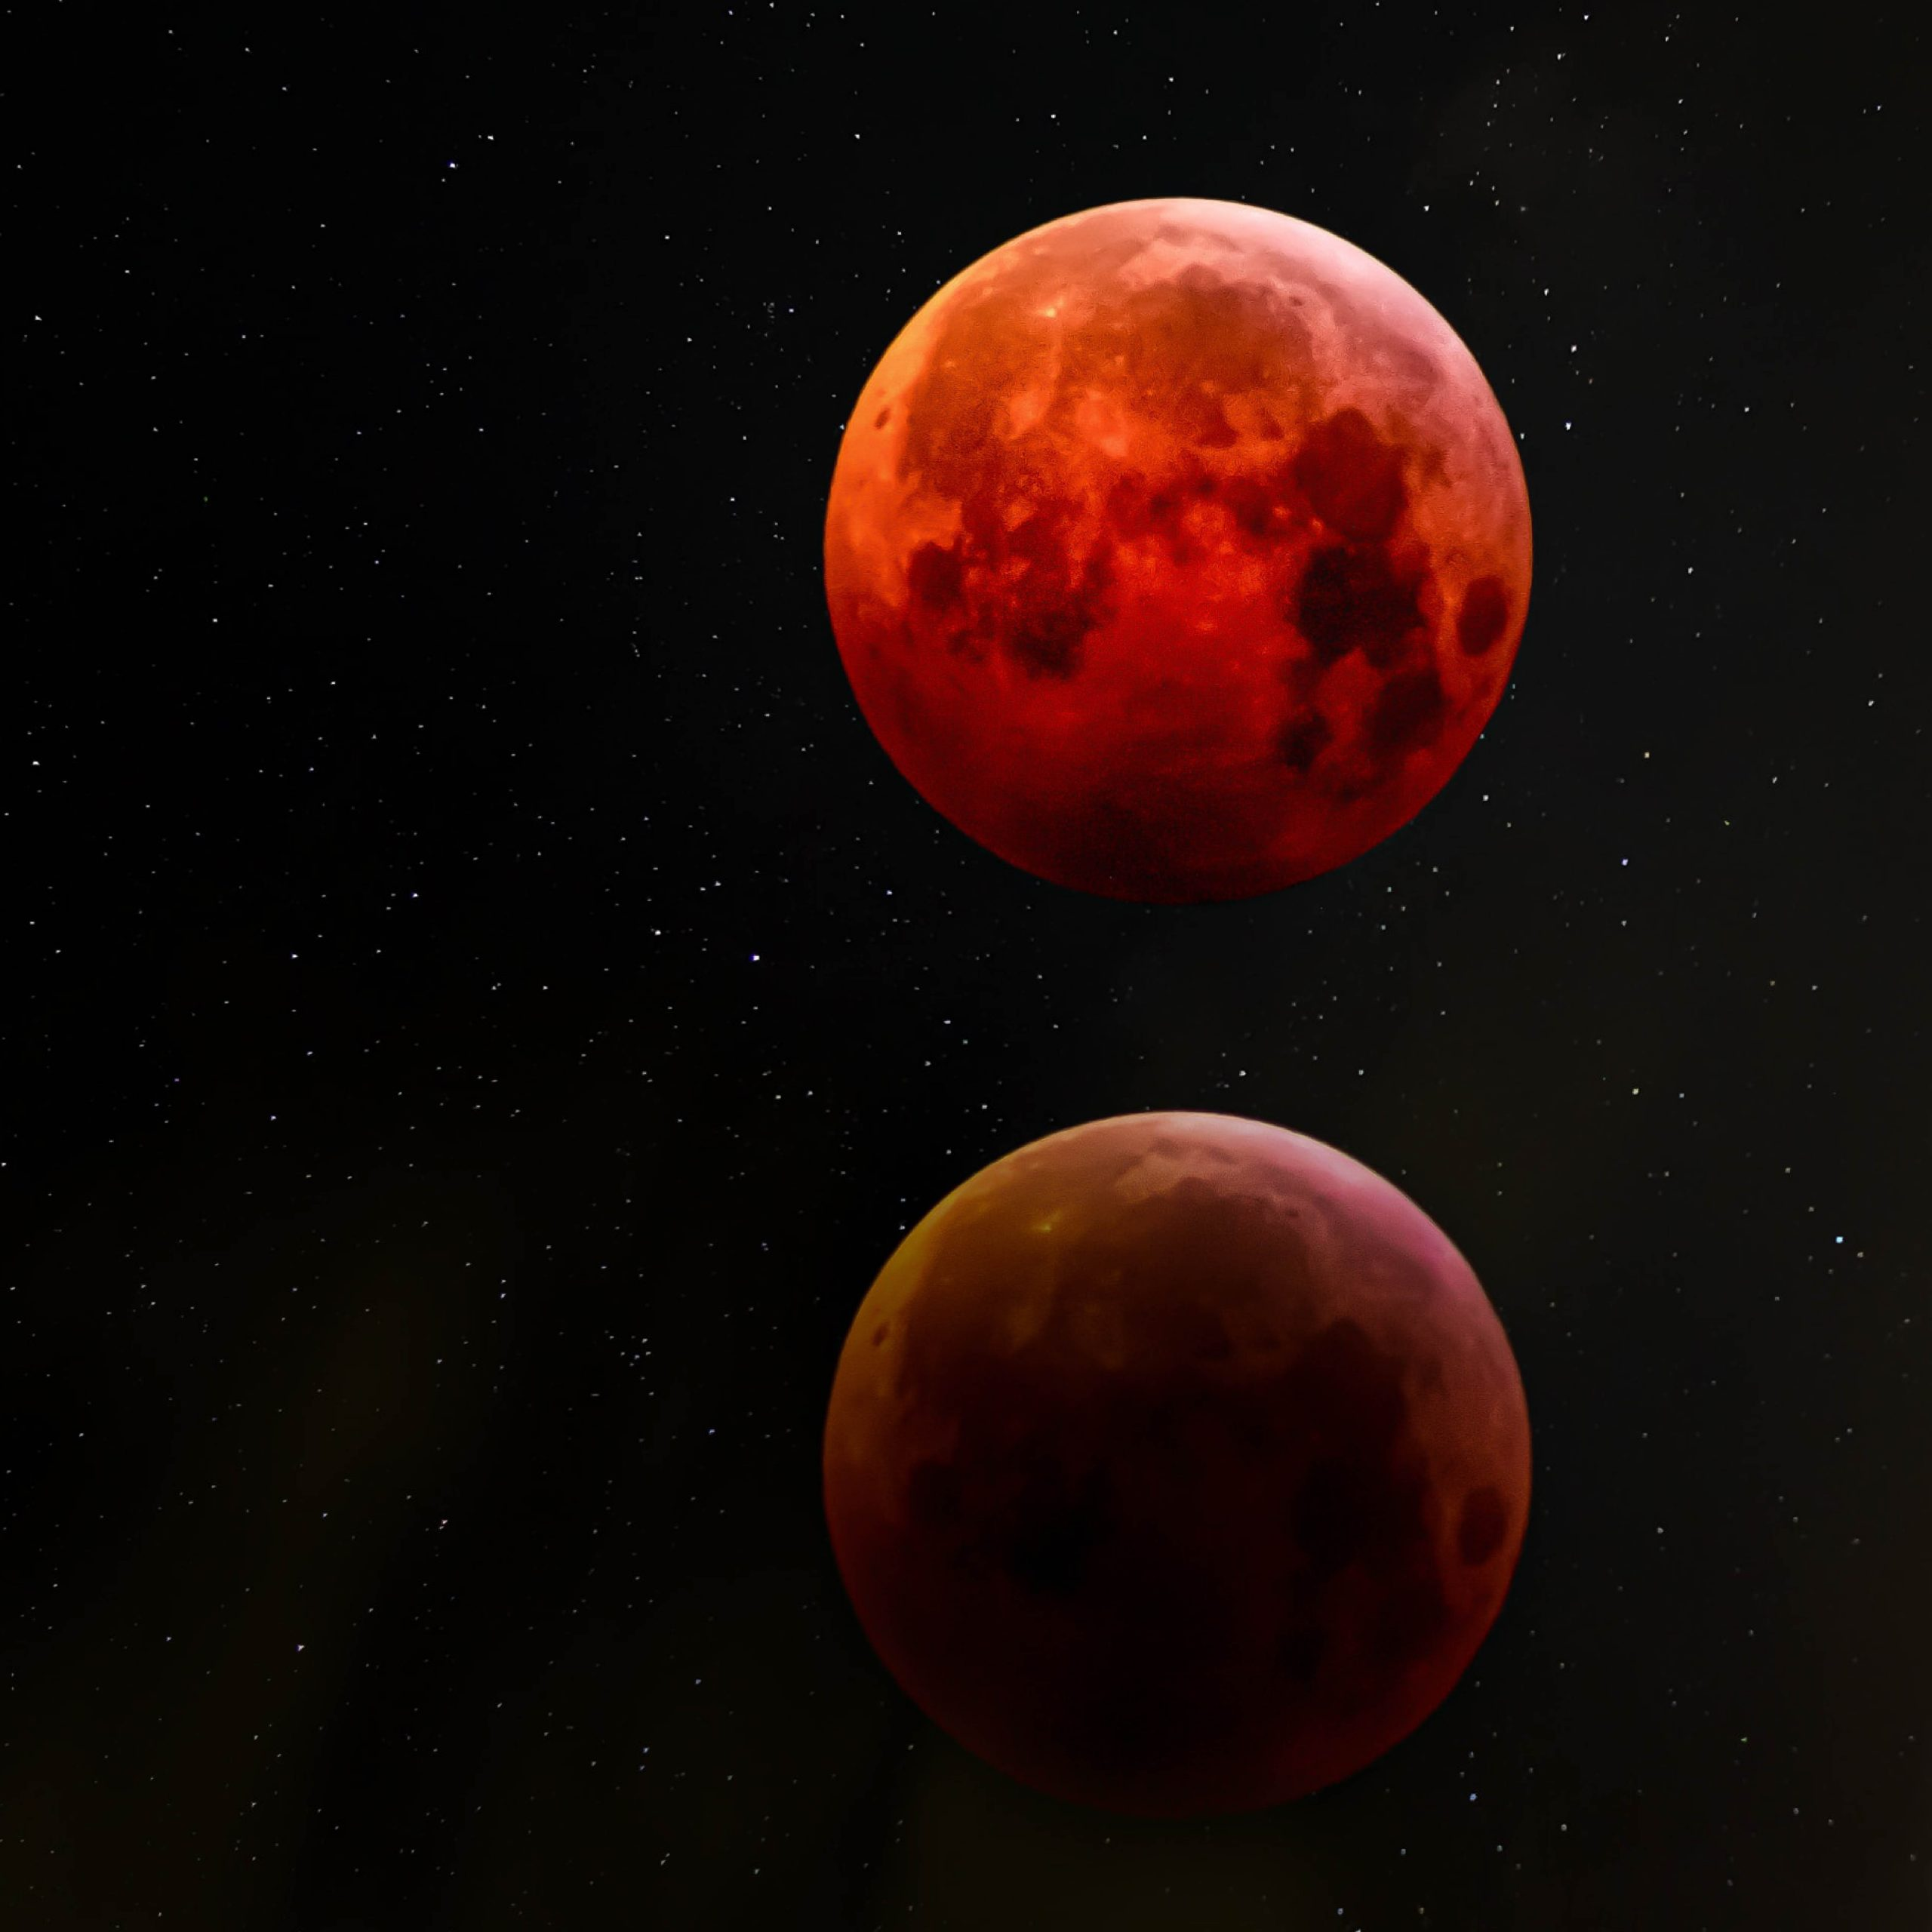 La puerta del león es un portal cósmico que se abre cada 8 de agosto. Este año coincide con Luna nueva.